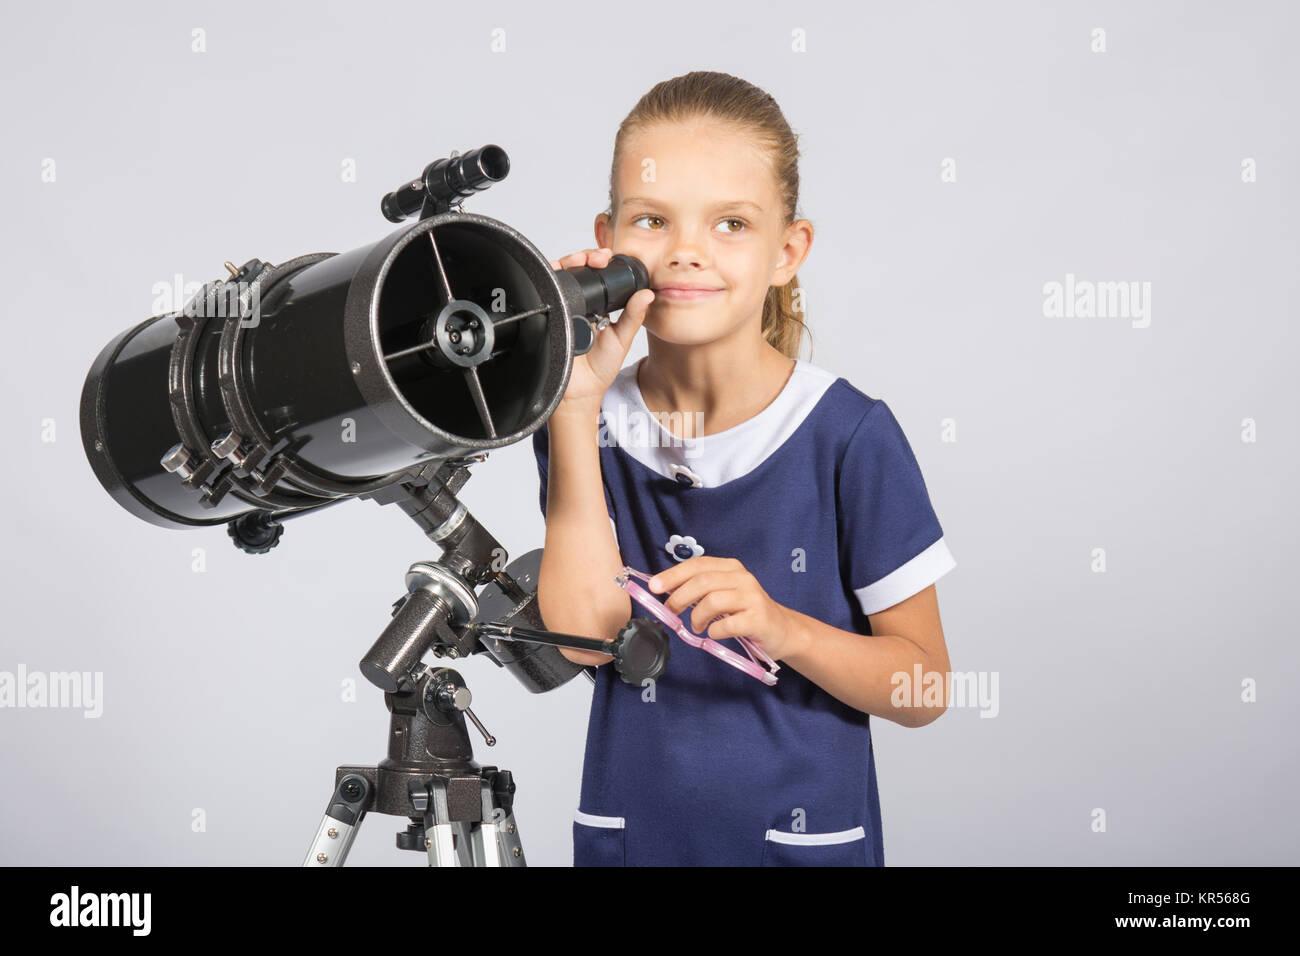 Siebenjährige Mädchen stehend nahe bei einem Spiegelteleskop und Blicke auf mysteriöse Weise in den Himmel Stockfoto